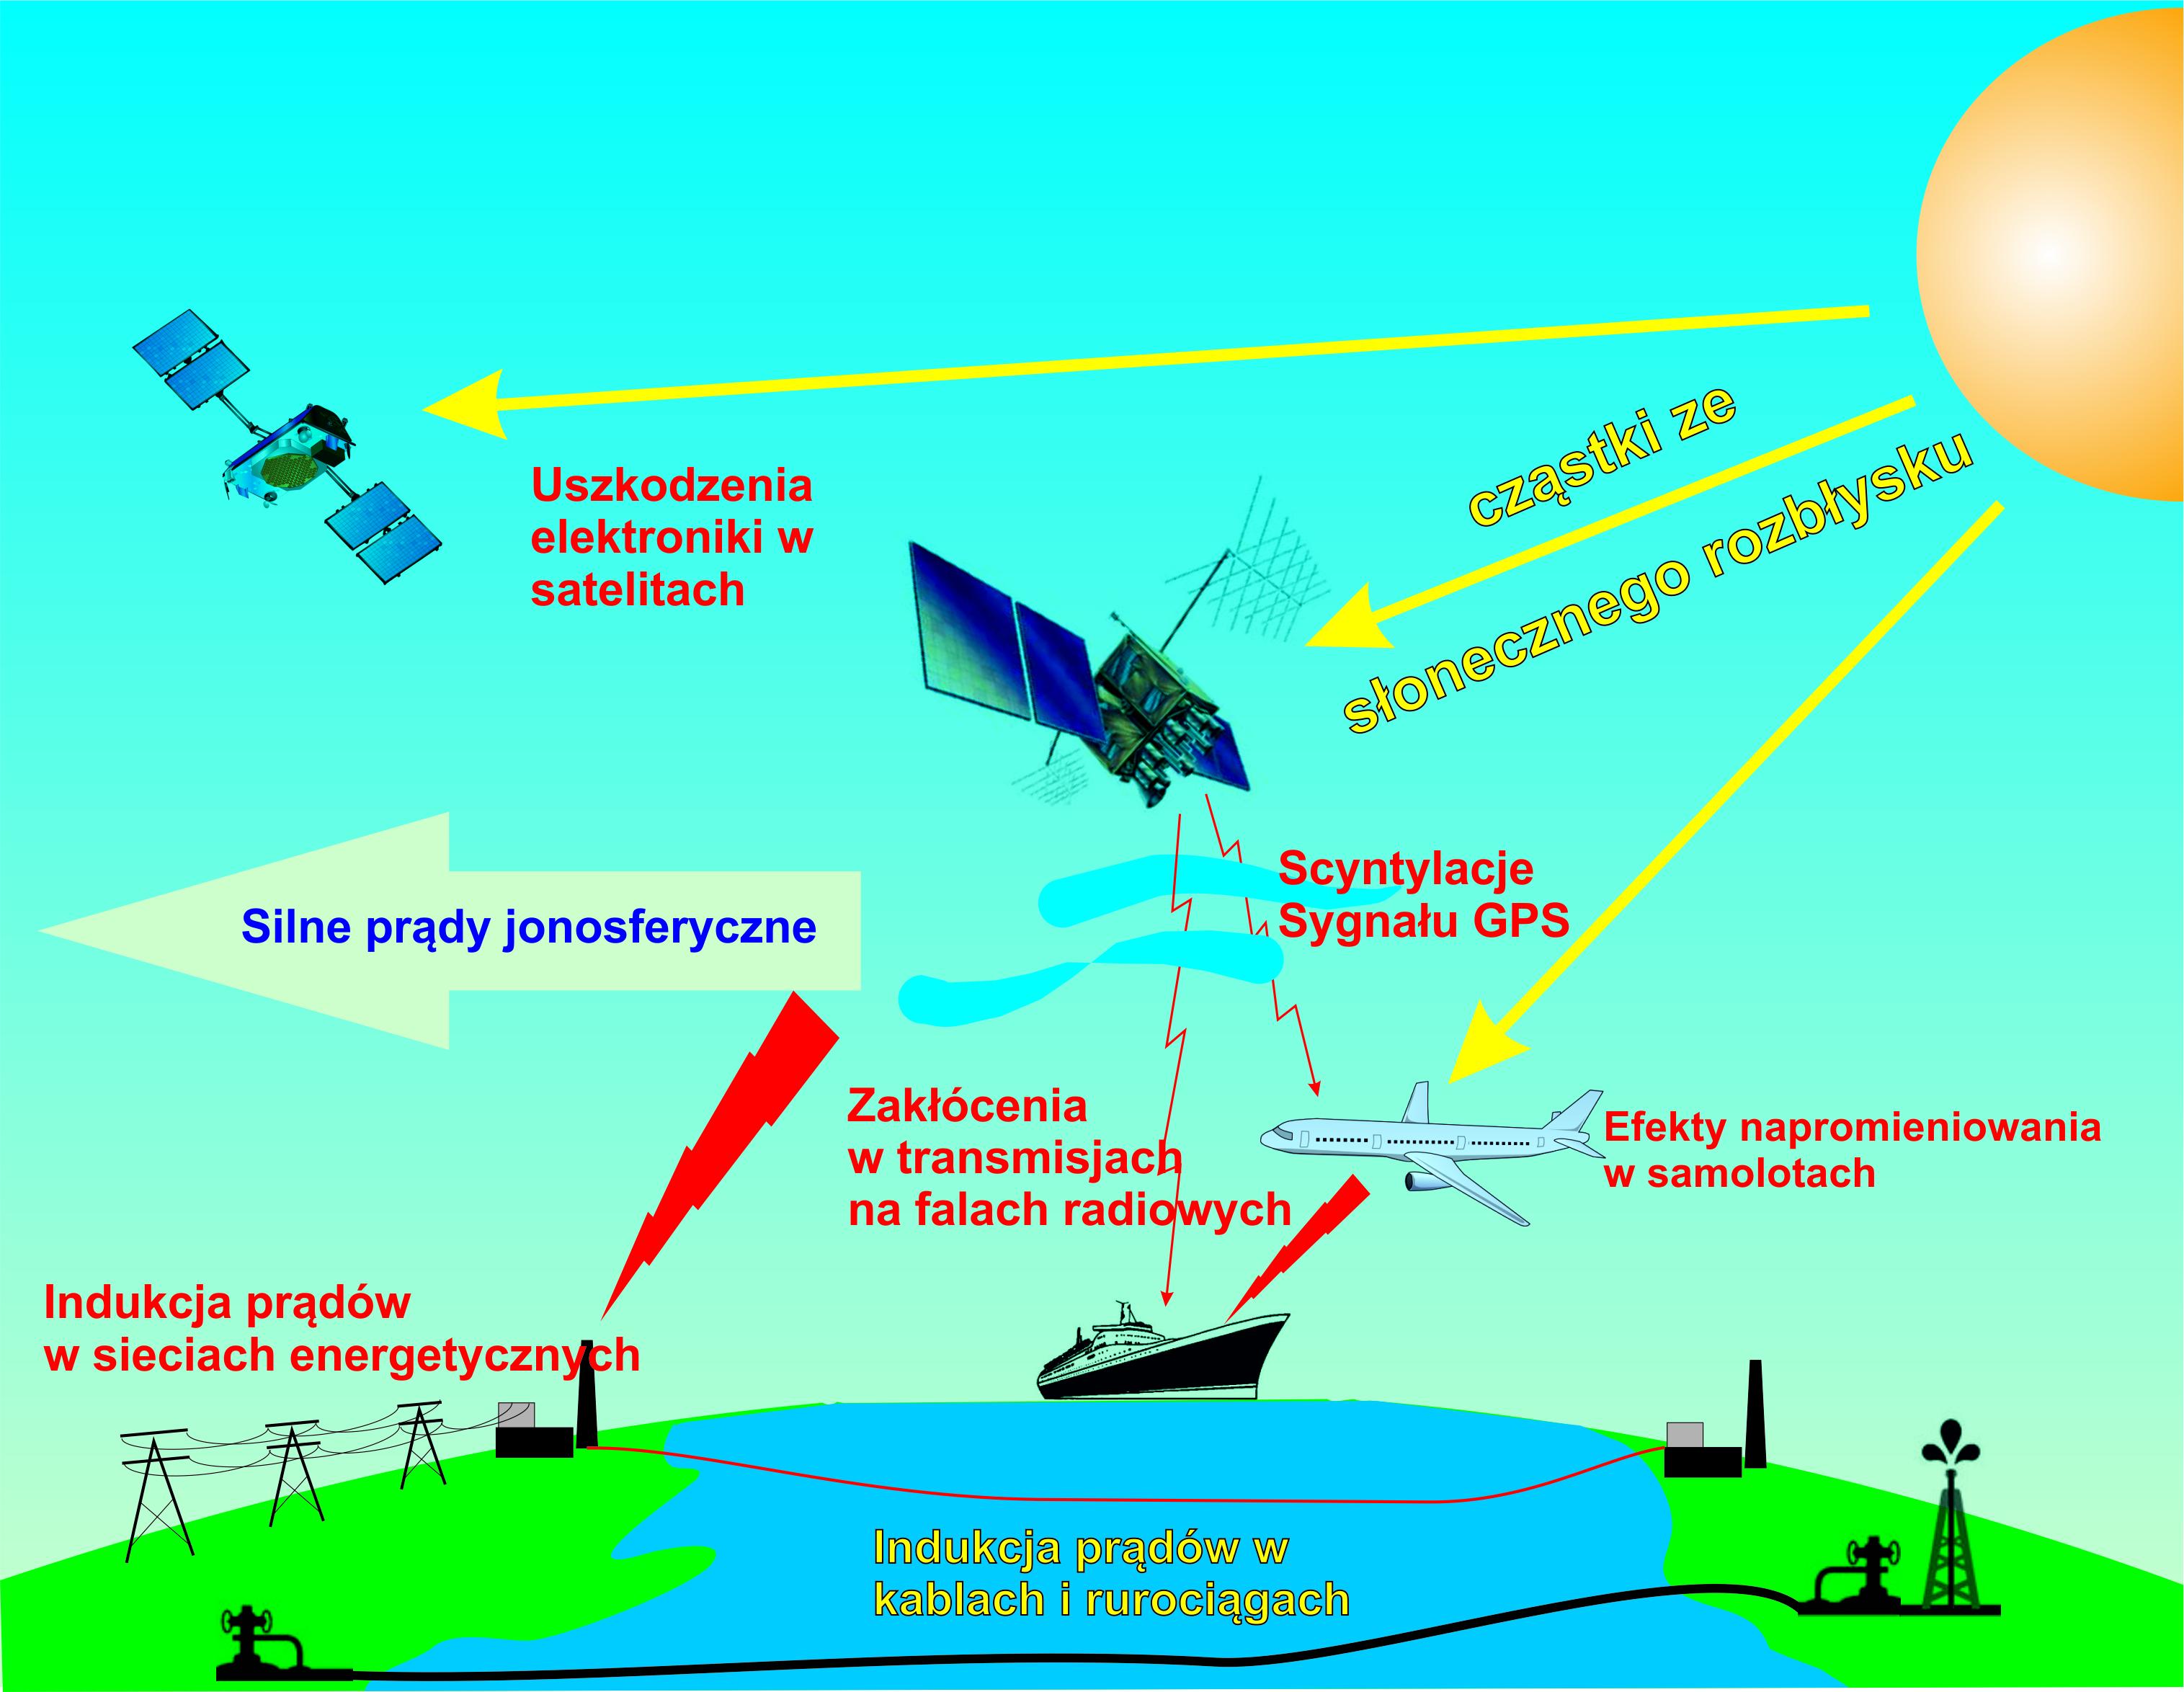 Wpływ Słońca na urządzenia wykorzystywane przez człowieka w transporcie i telekomunikacji.